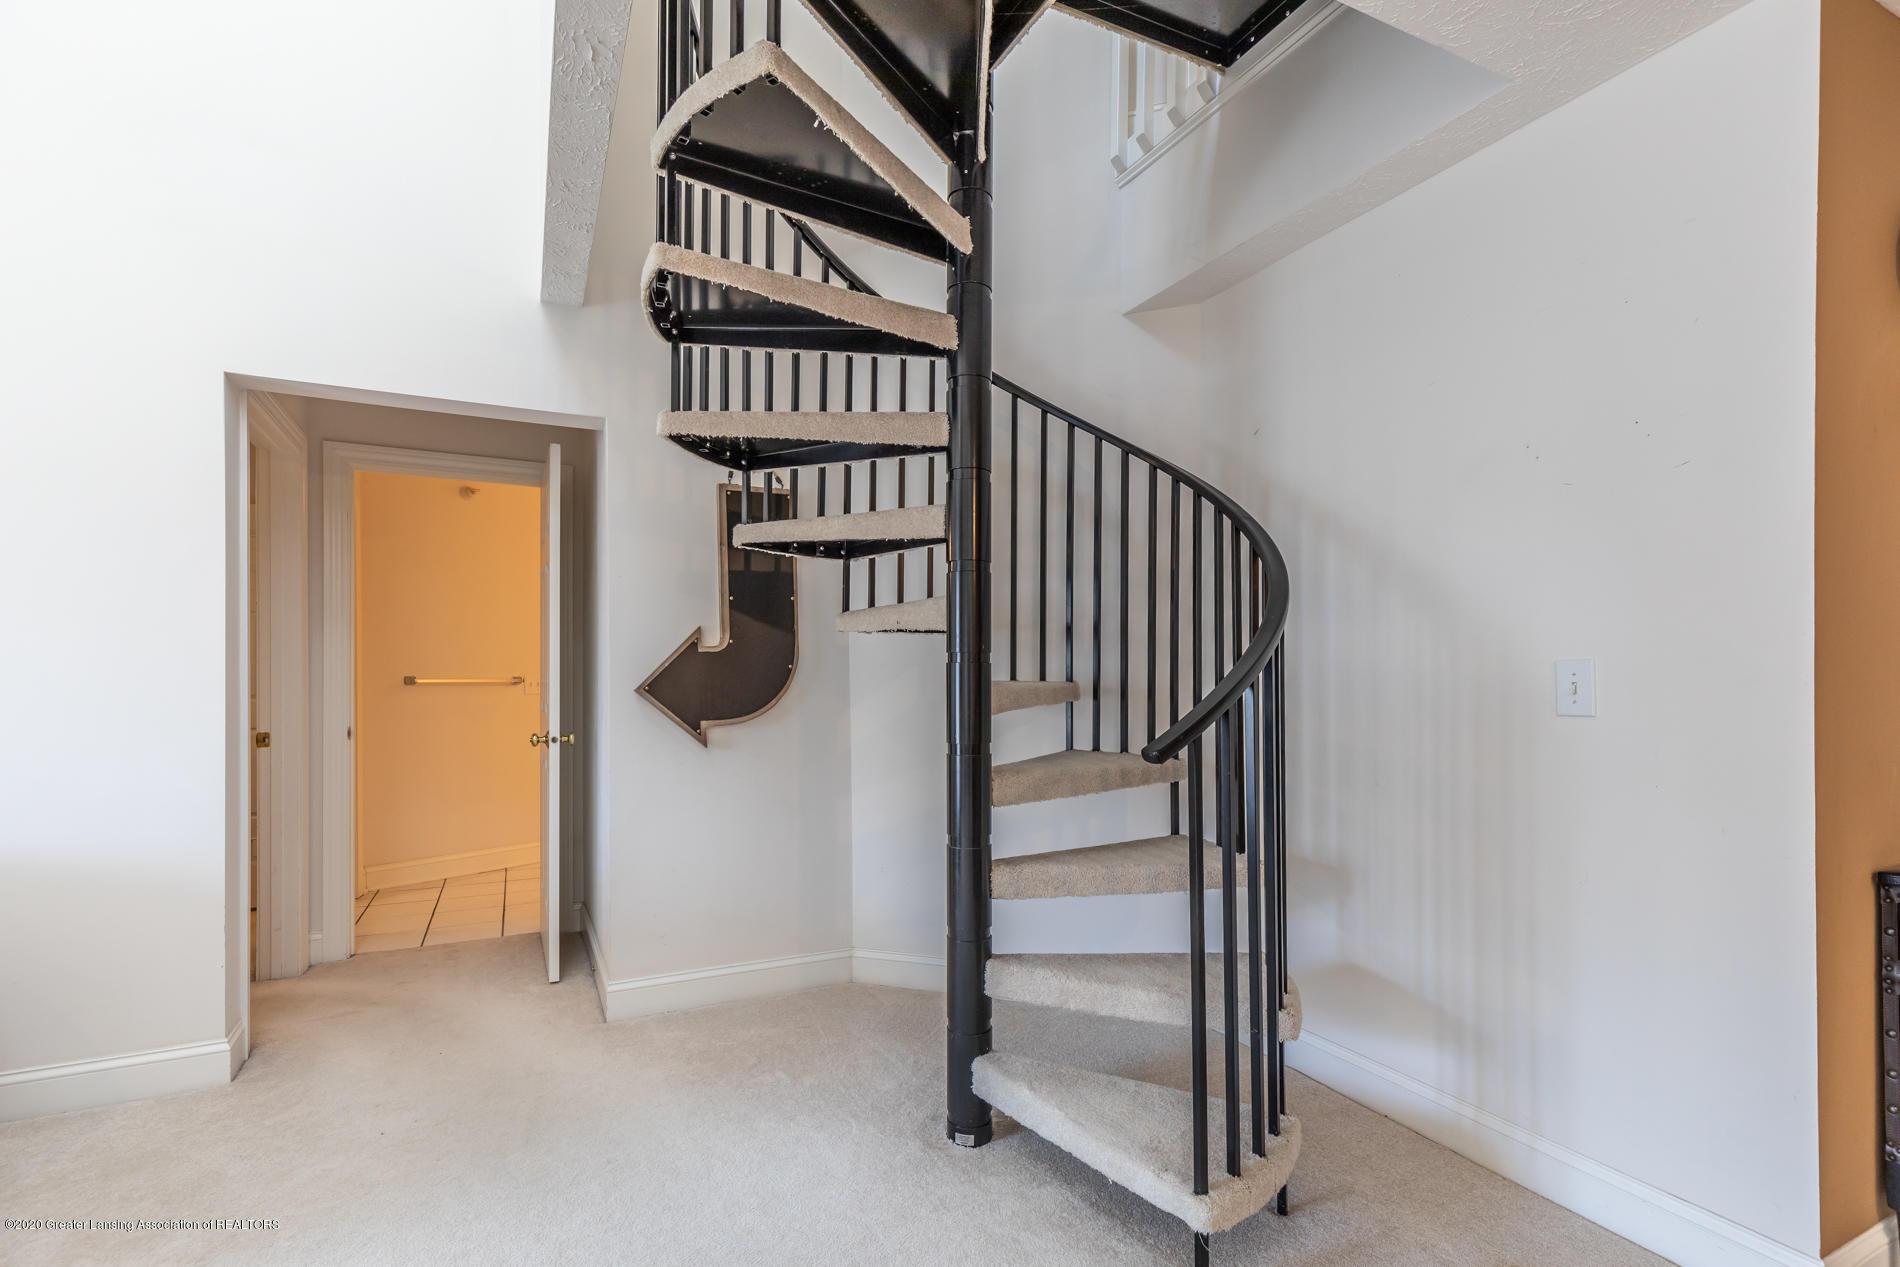 268 W Saginaw St Apt 302 - saginaw2stairs (1 of 1) - 13